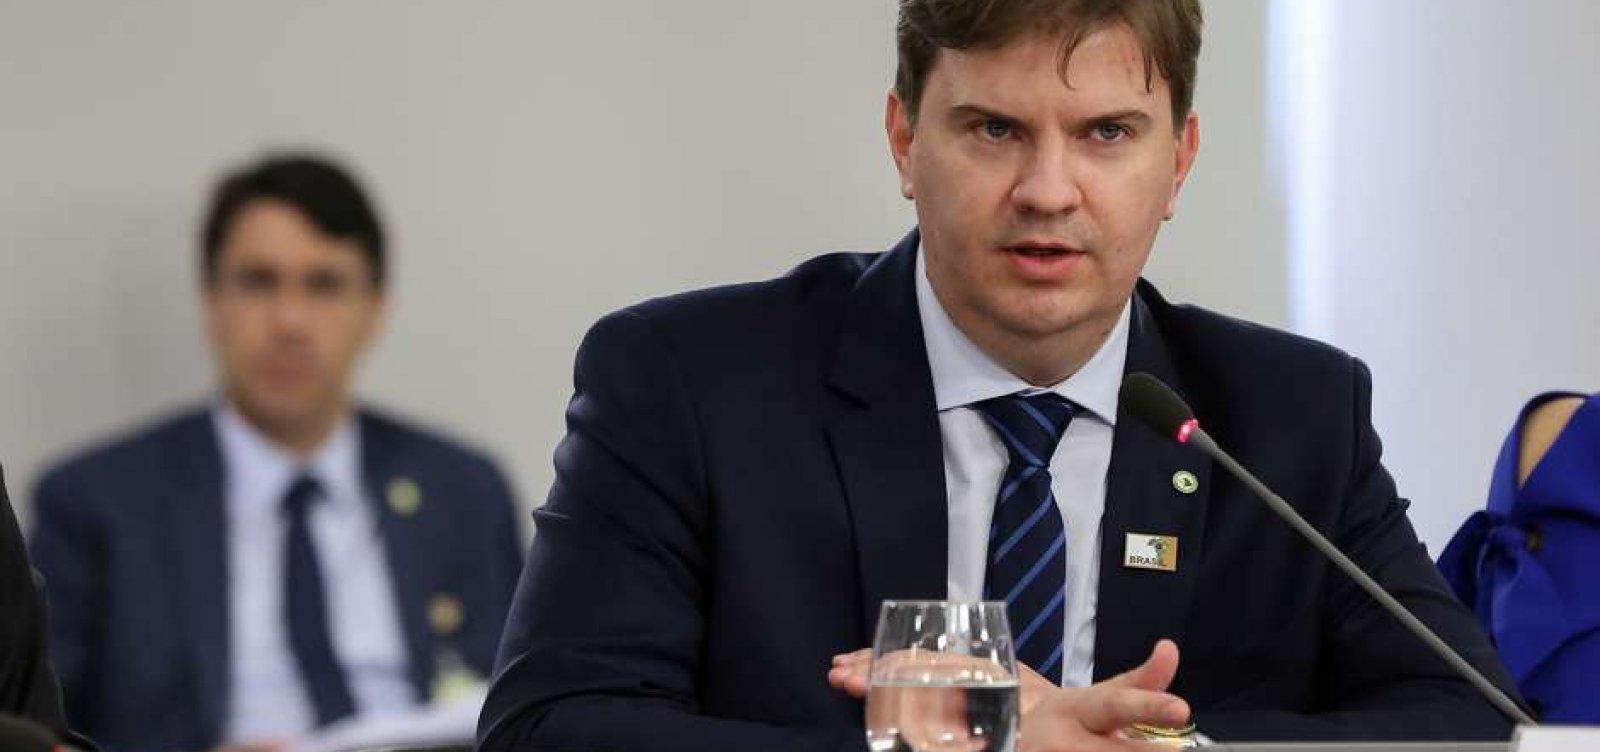 Recursos da 'Minha Casa Minha Vida' só duram até junho, diz ministro